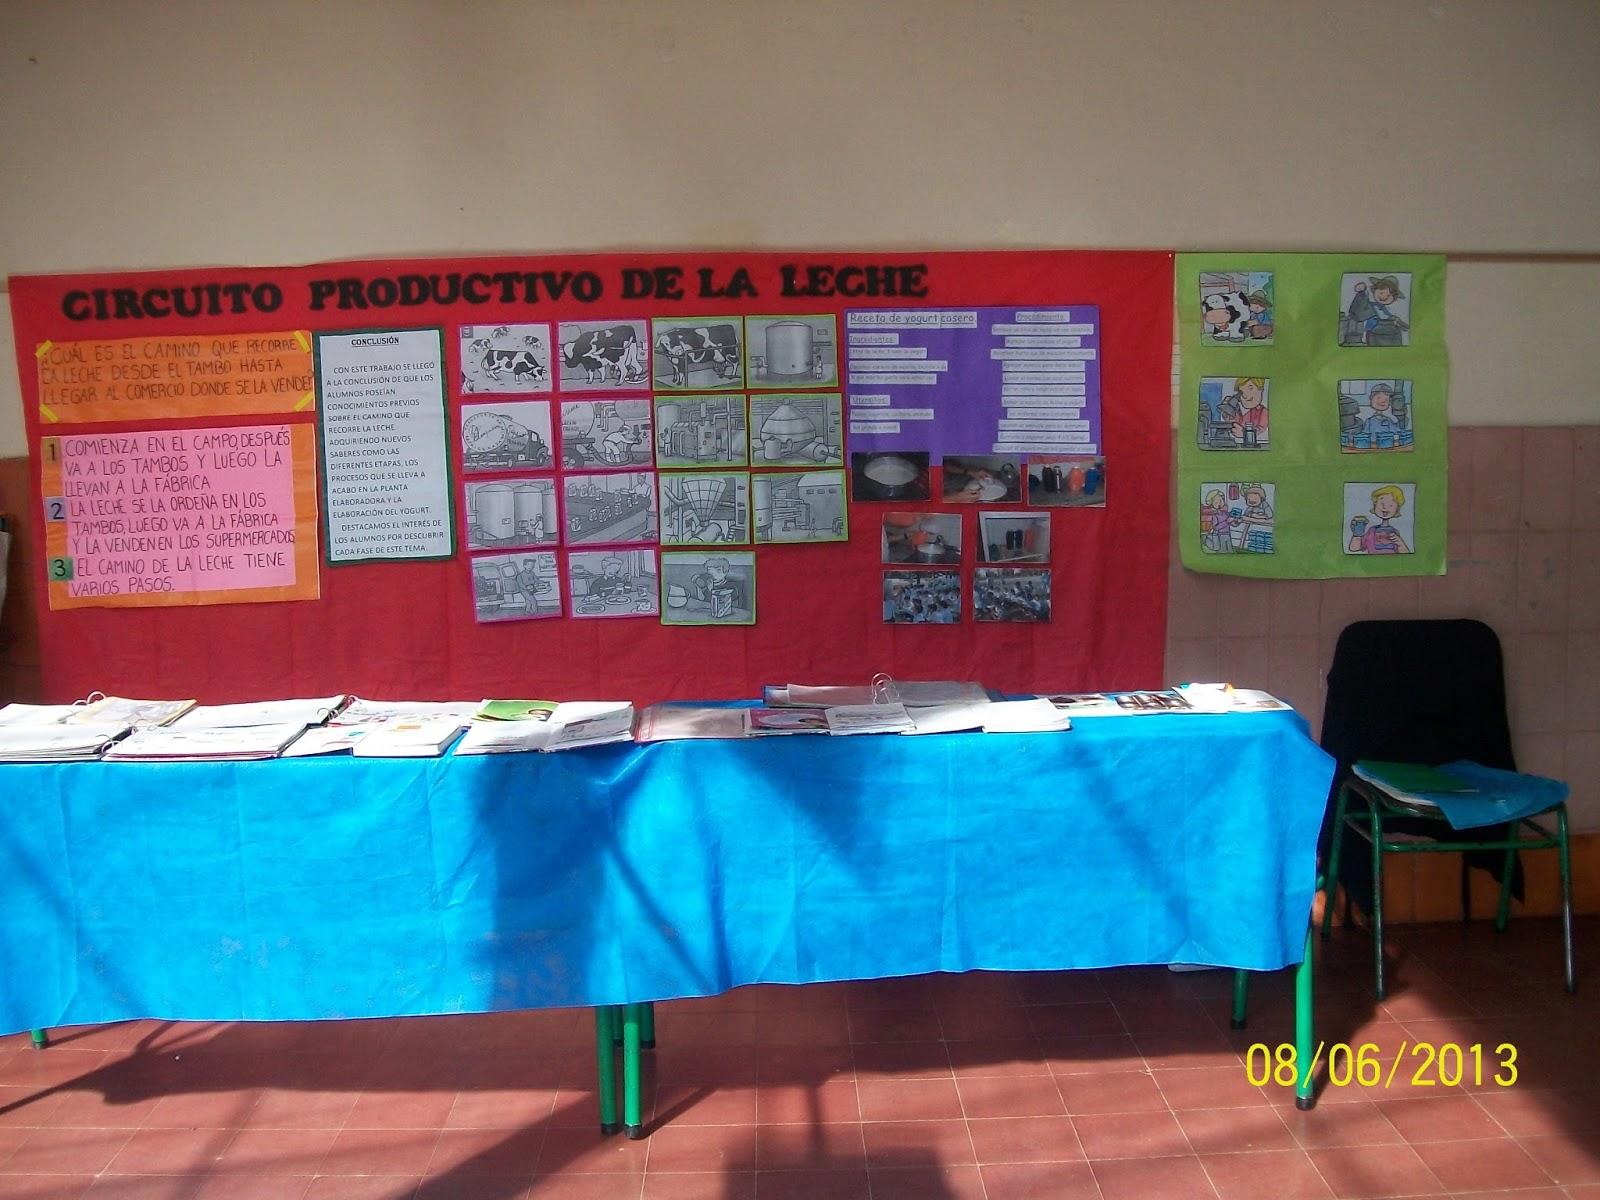 Circuito Productivo De La Leche : Circuito productivo de la soja etapas y características lifeder